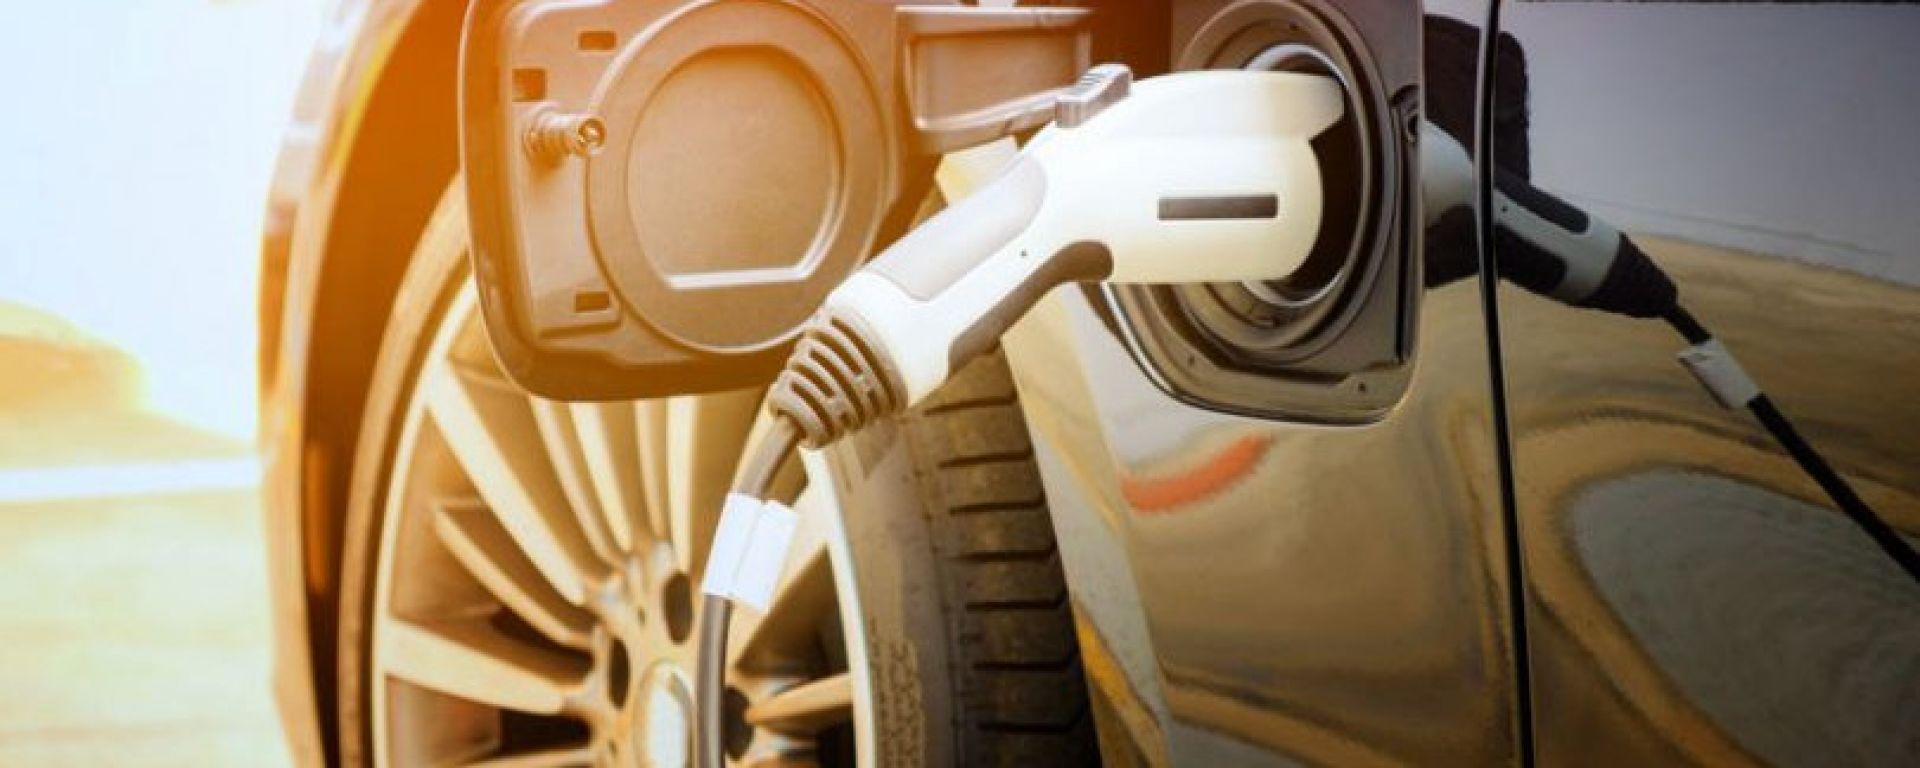 Ricarica auto elettriche, non proprio un'operazione